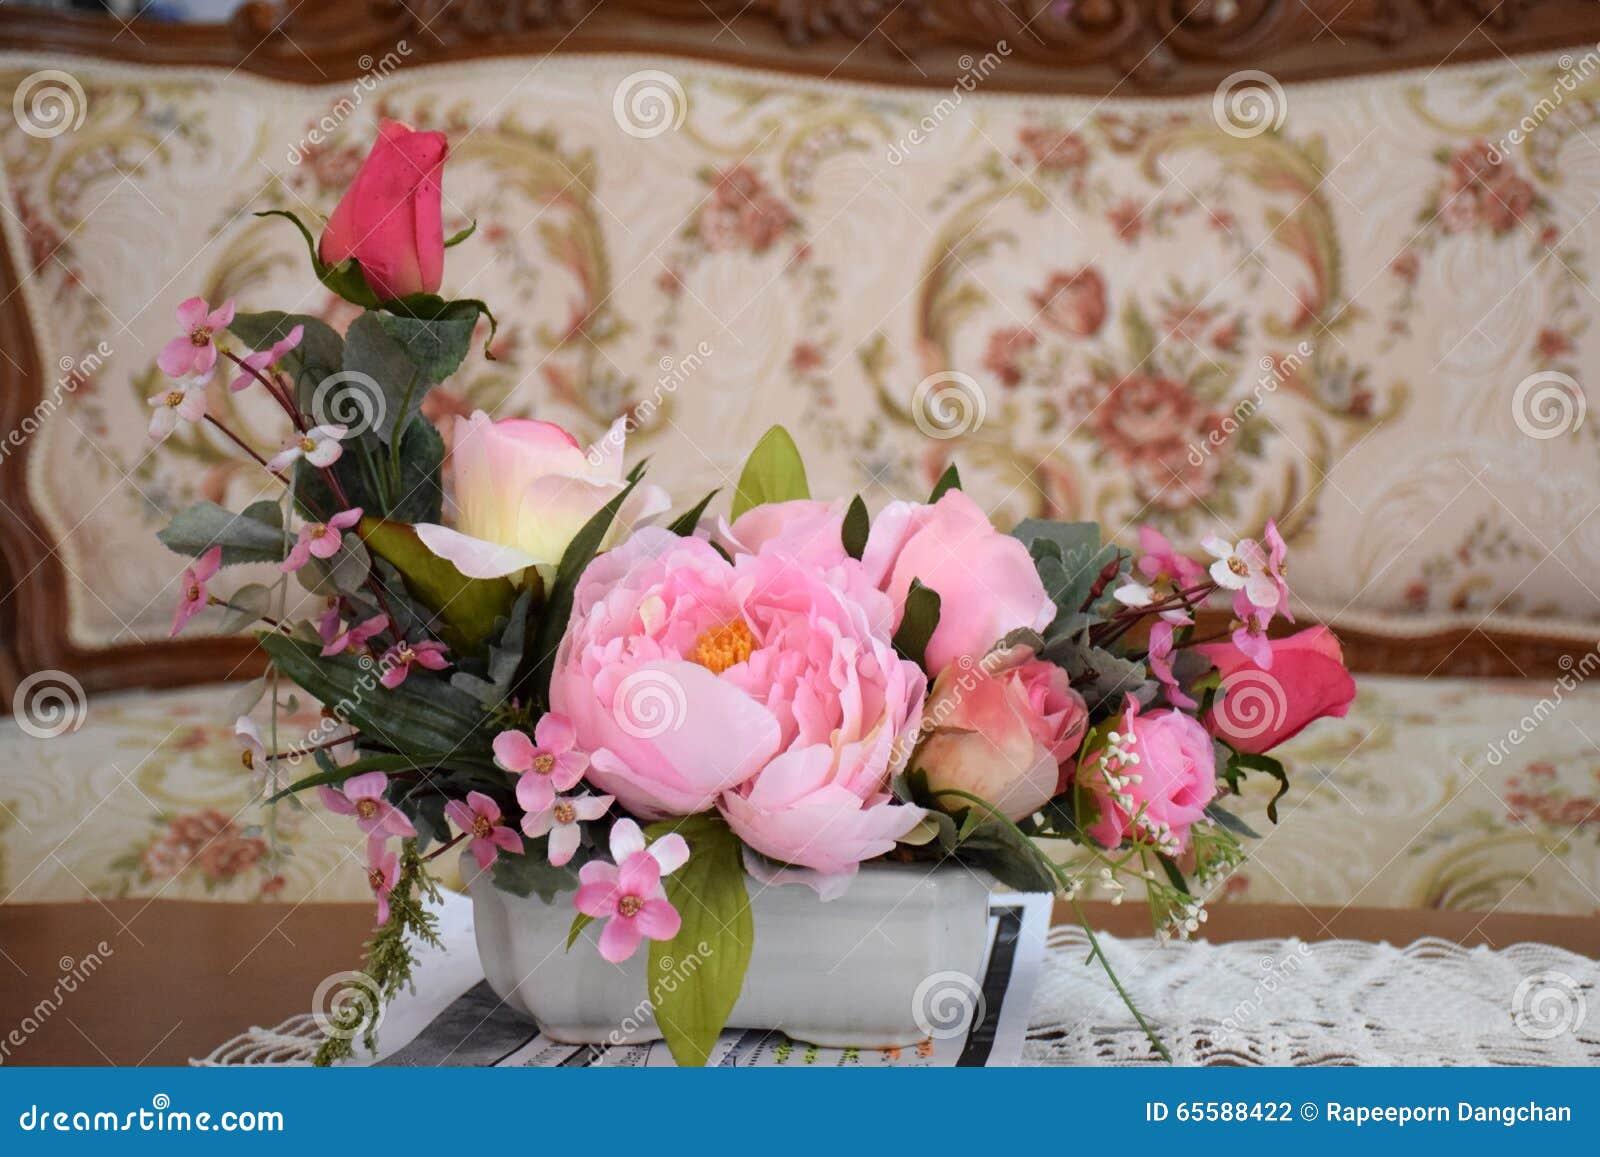 Fleur Coloree De Rose Dans Le Lieu De Reunion Photo Stock Image Du